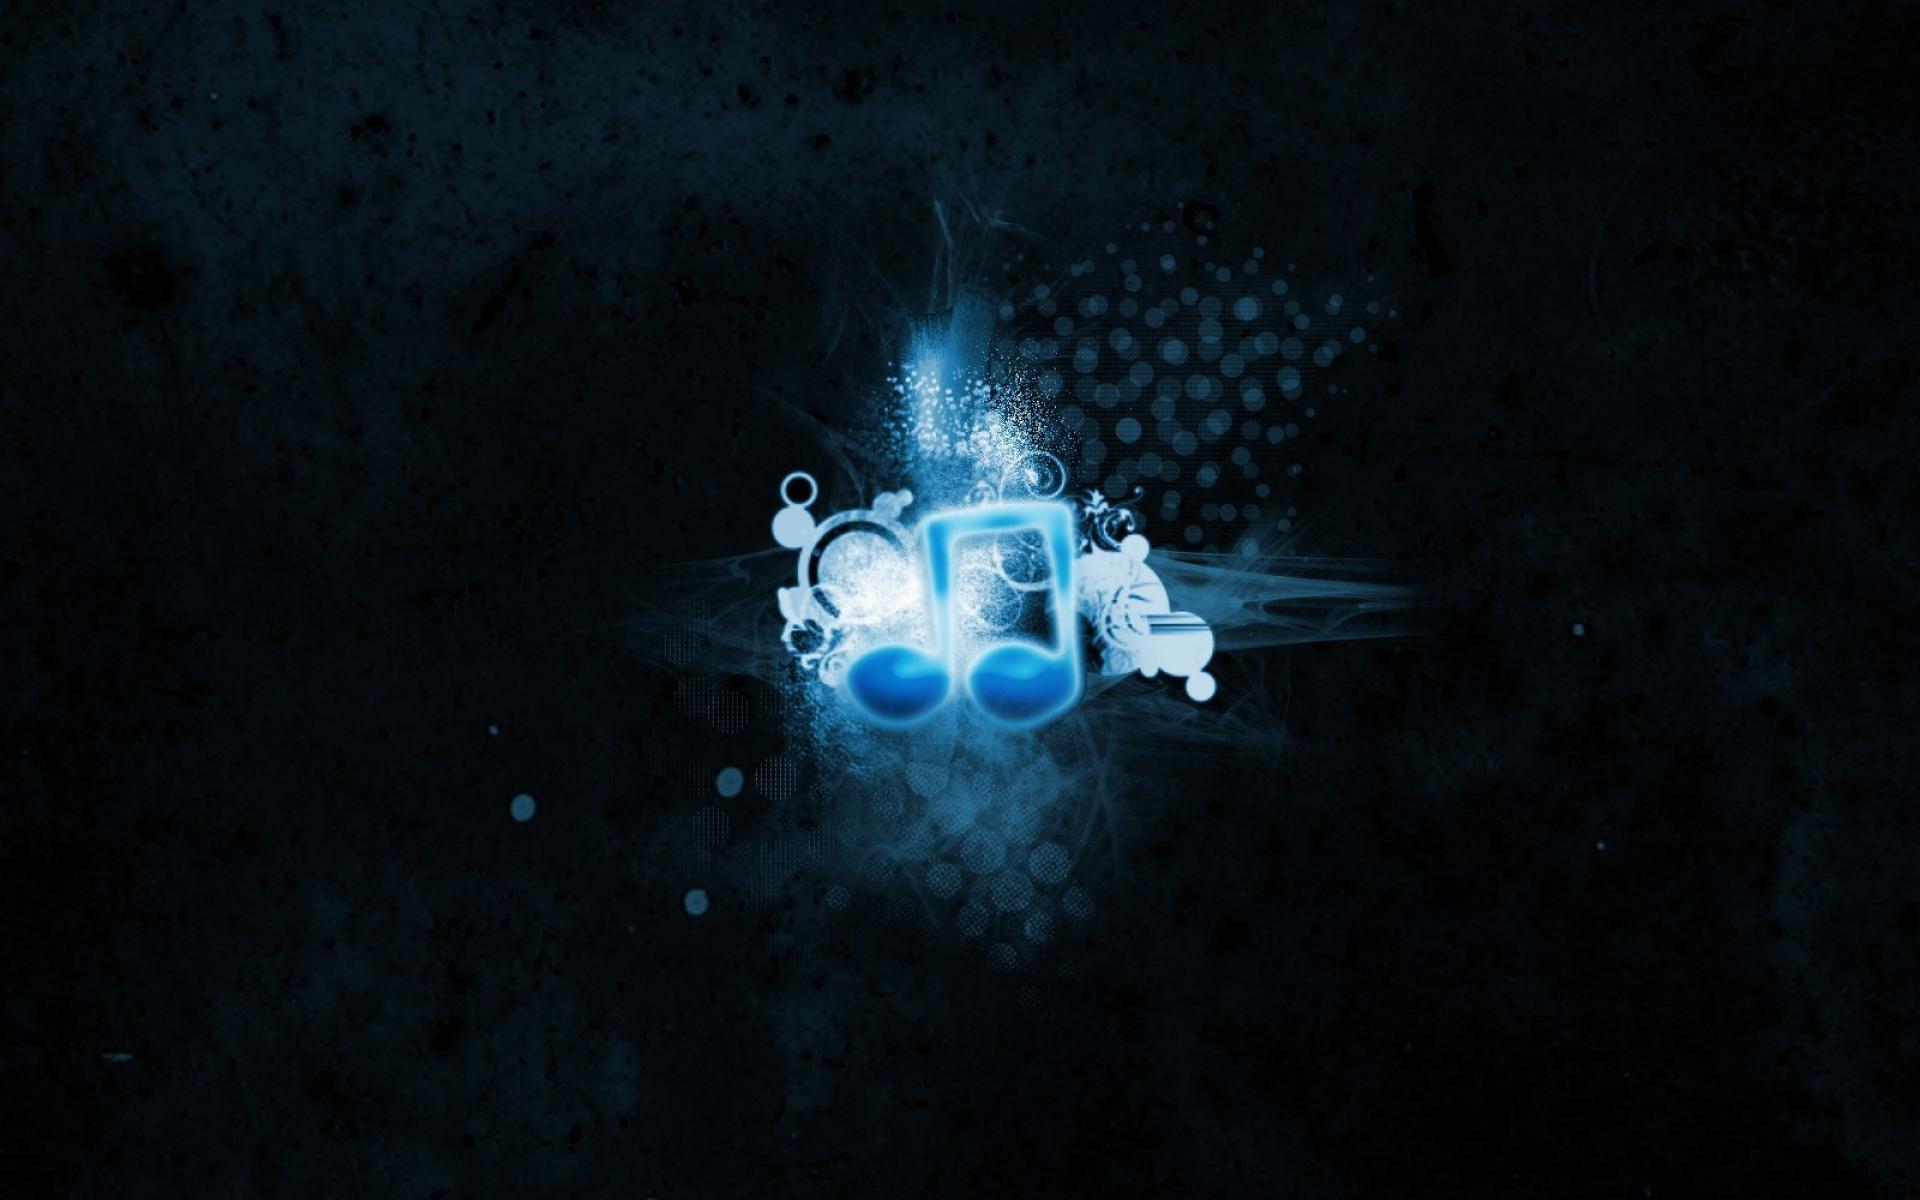 Best Wallpaper Blue Music - 76338  Collection_73813.jpg